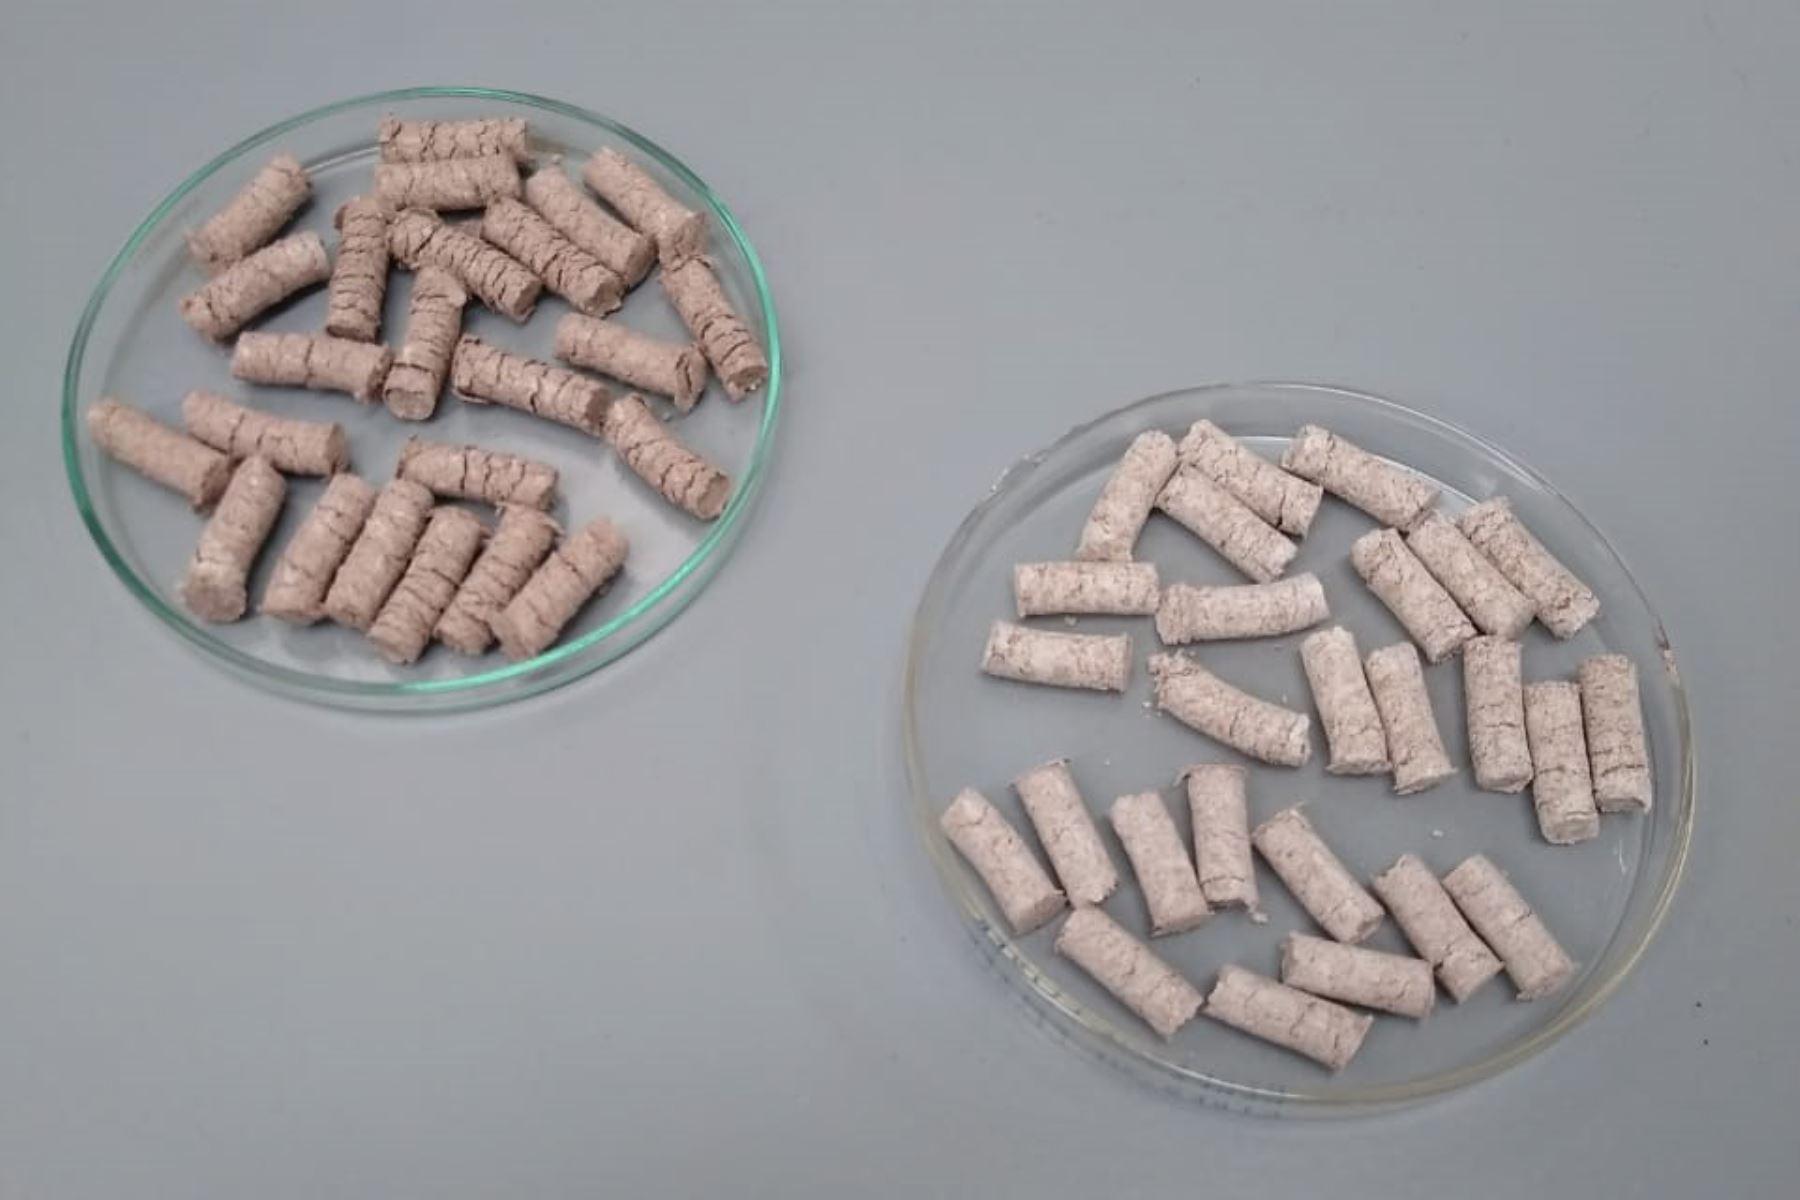 Estos son los pellets elaborados con residuos de conchas de abanico y langostino que sirven para descontaminar el agua. ANDINA/Difusión